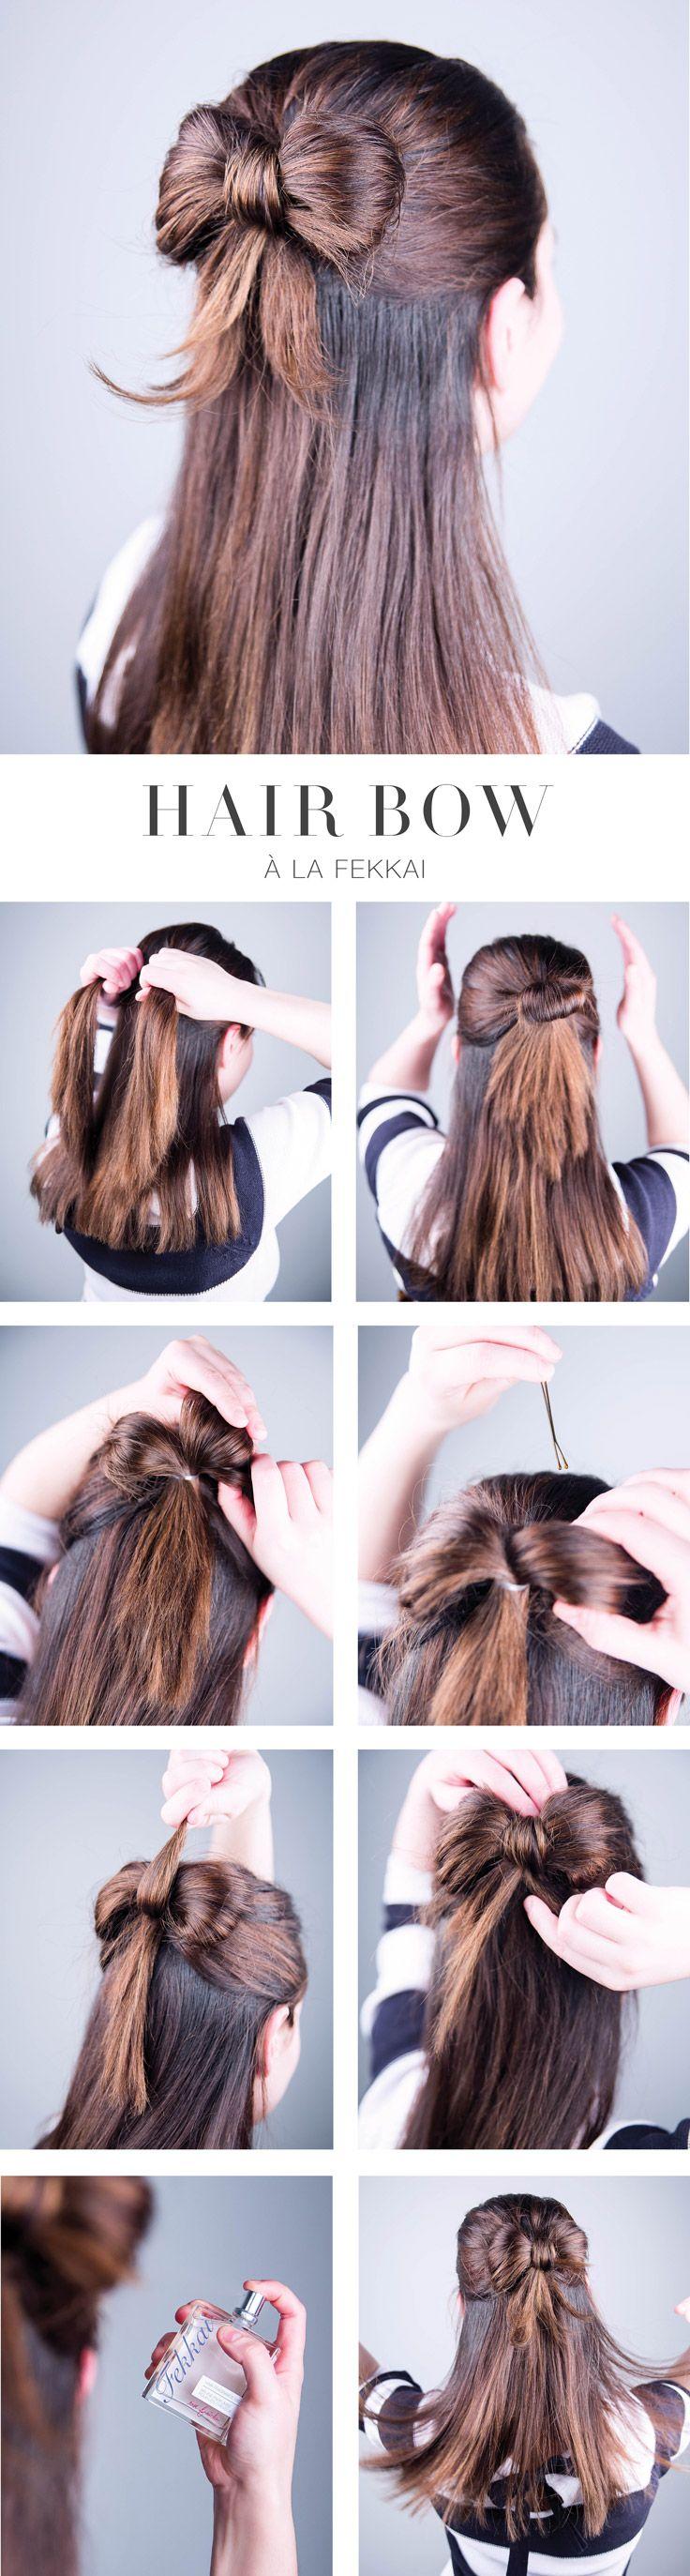 Mädchen Kleidung Haar-accessoires Genial Bunte Matt Niedliche Kinder Hairgrip Frauen Mädchen Haar Clips Bobby Pin Zubehör Für Haar Haarnadel Haarspange Haarspange Headwear